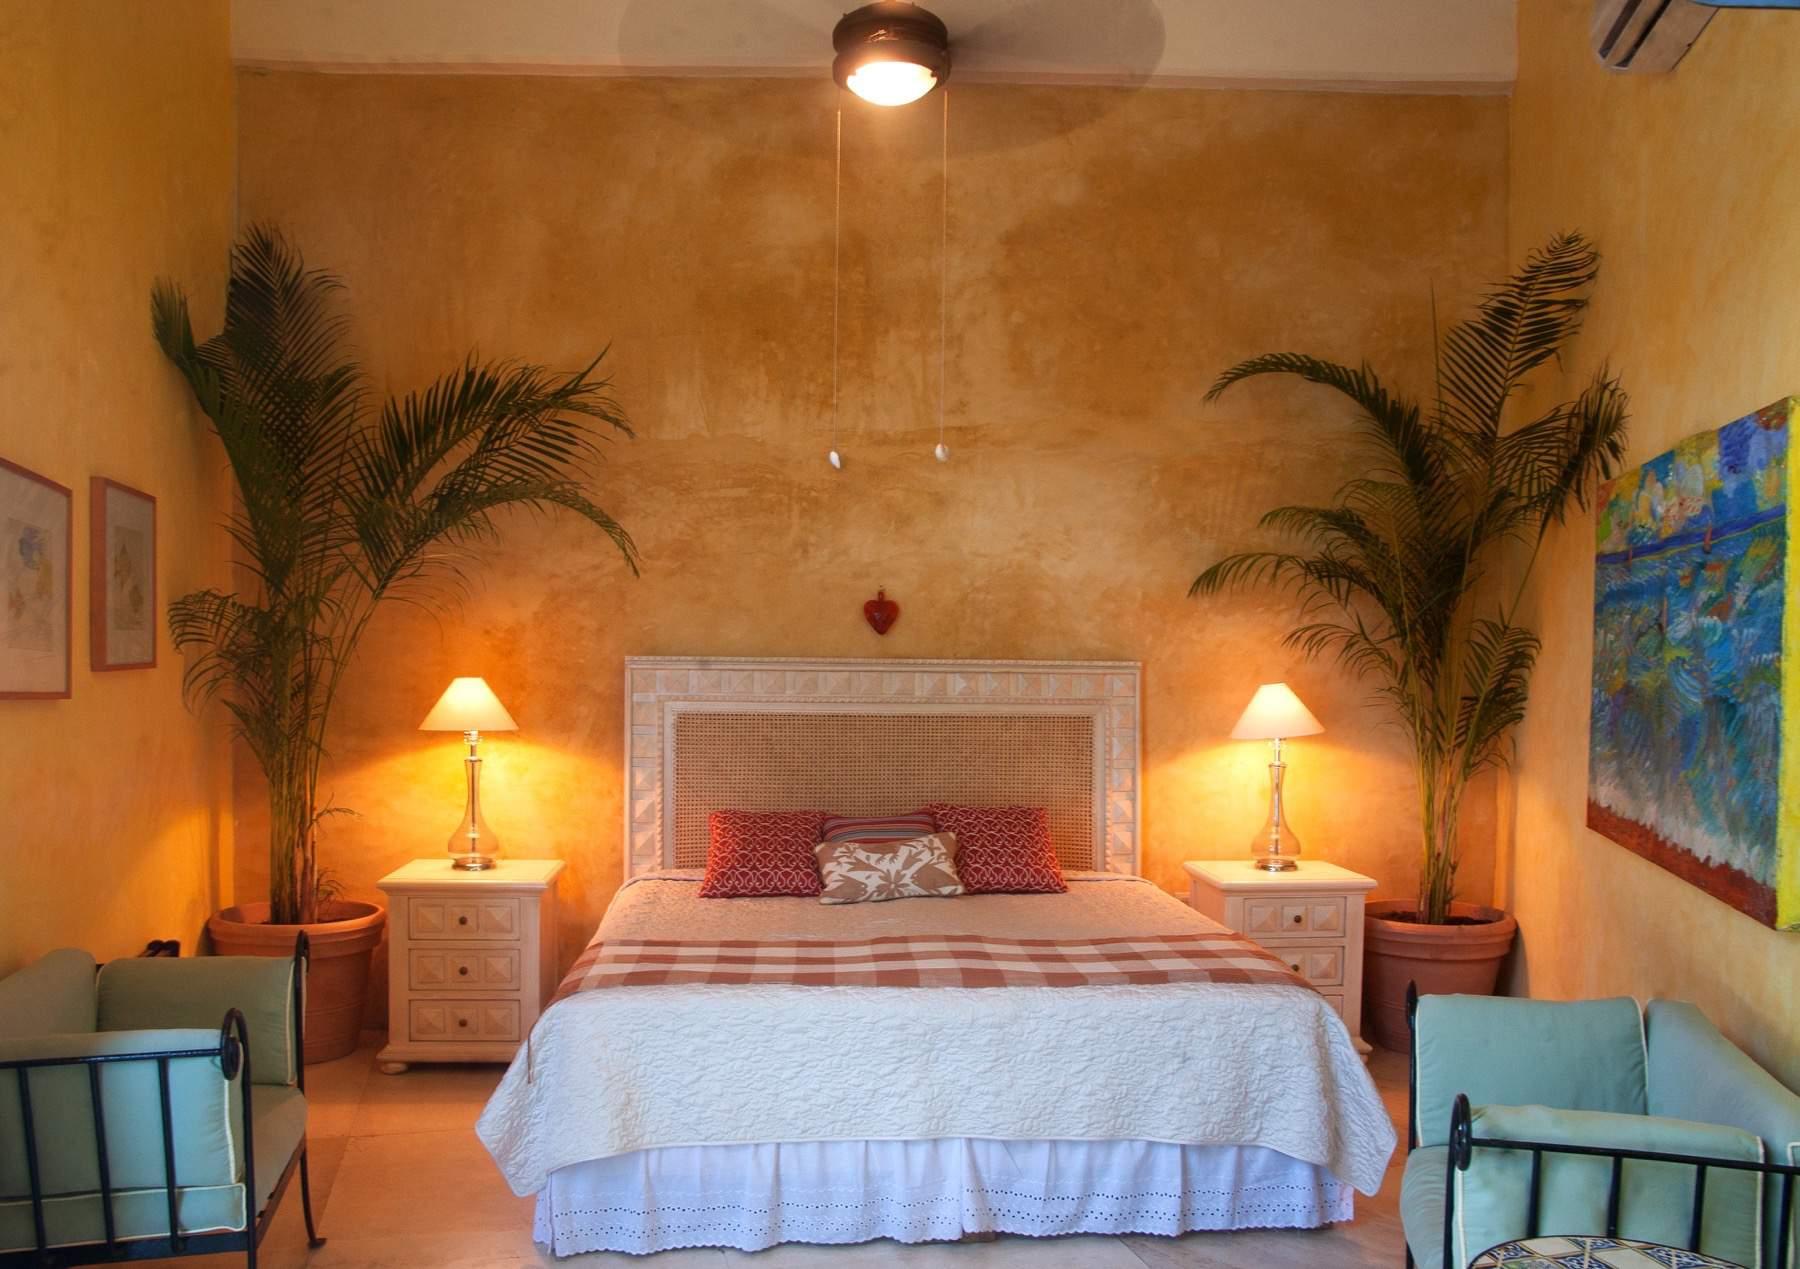 Amor Boutique Hotel's Villa Vainilla in Sayulita. Affordable 1 bedroom rental